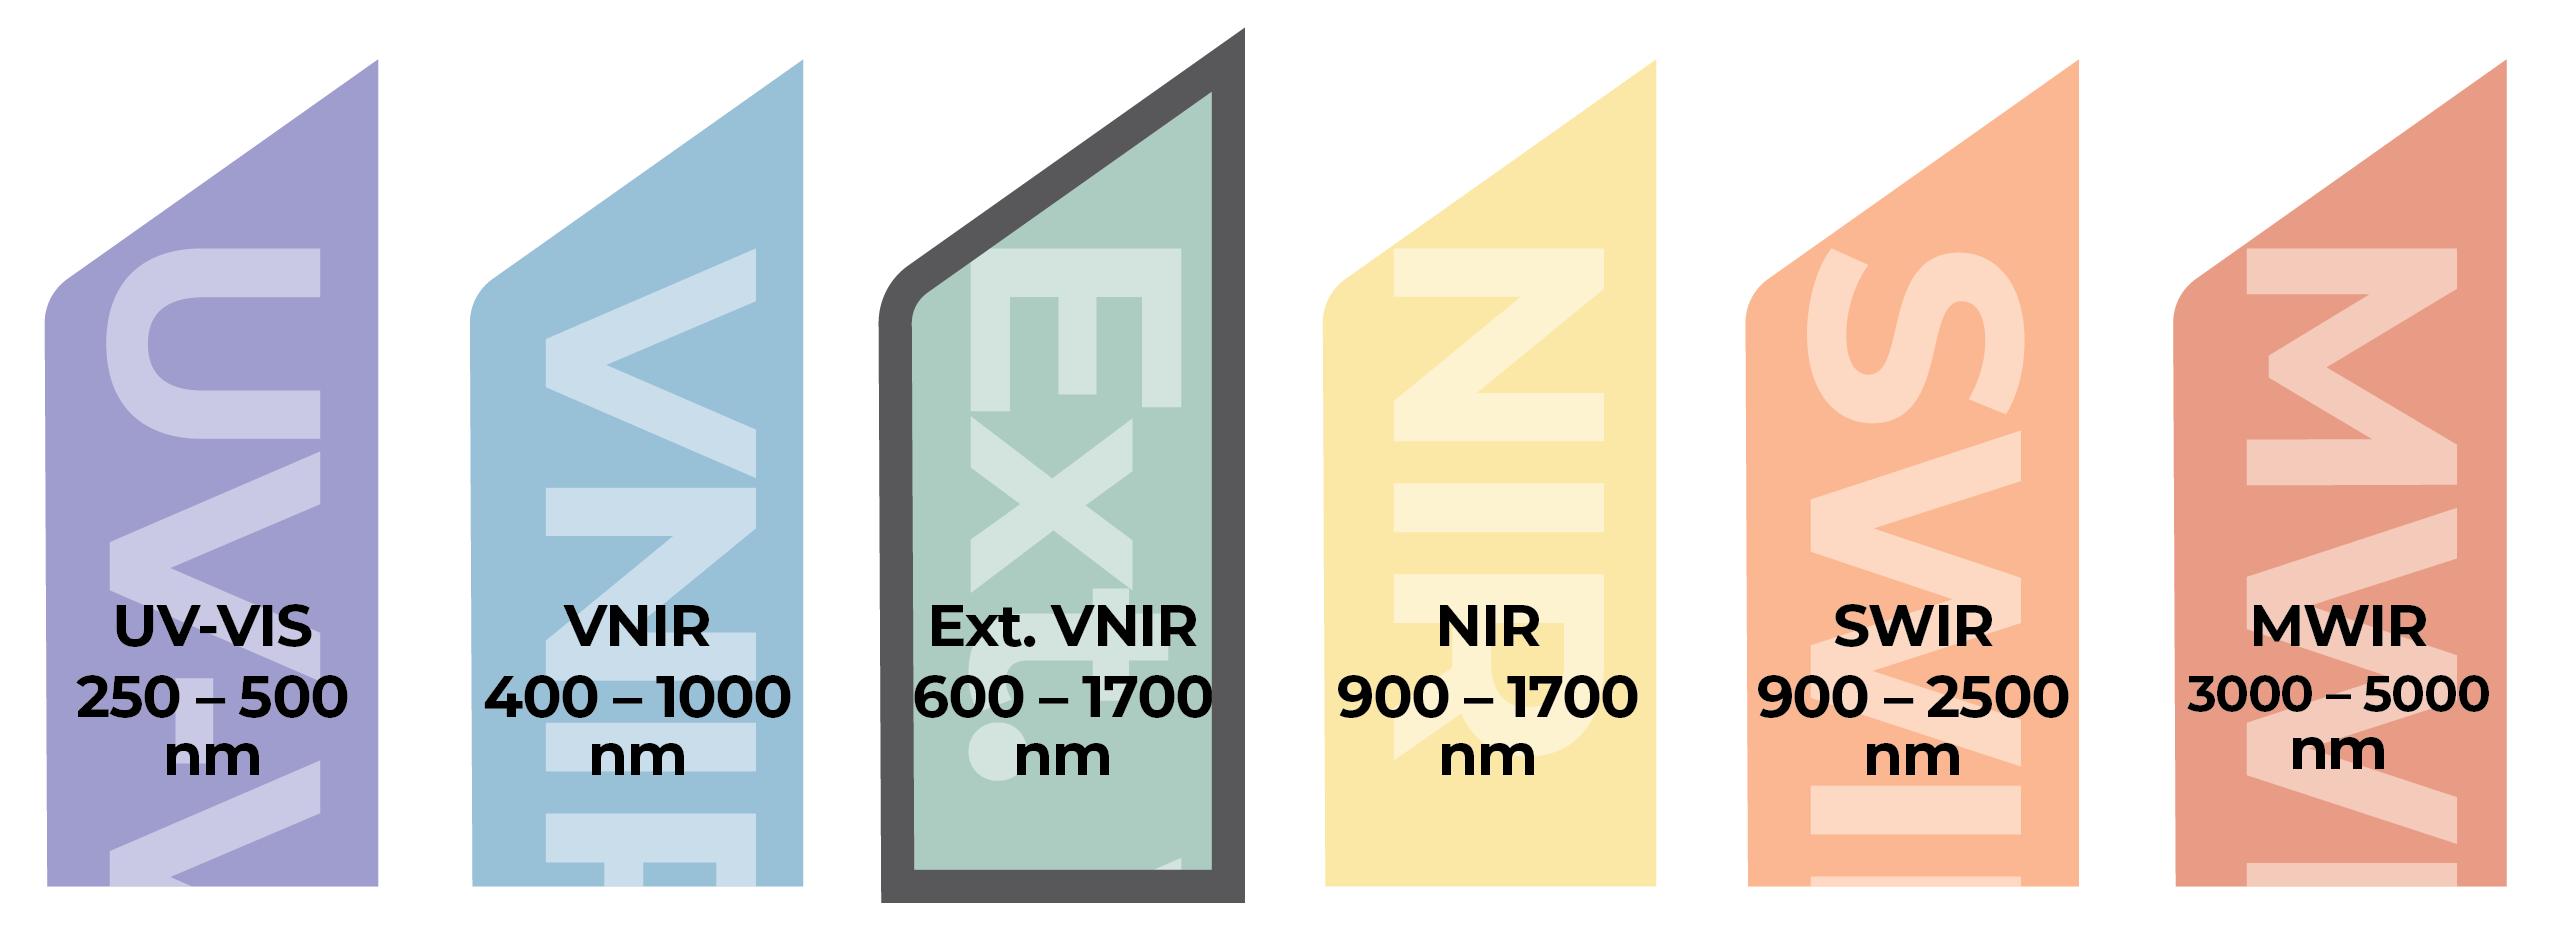 Headwall-Spectrum-Ext-VNIR-FY22